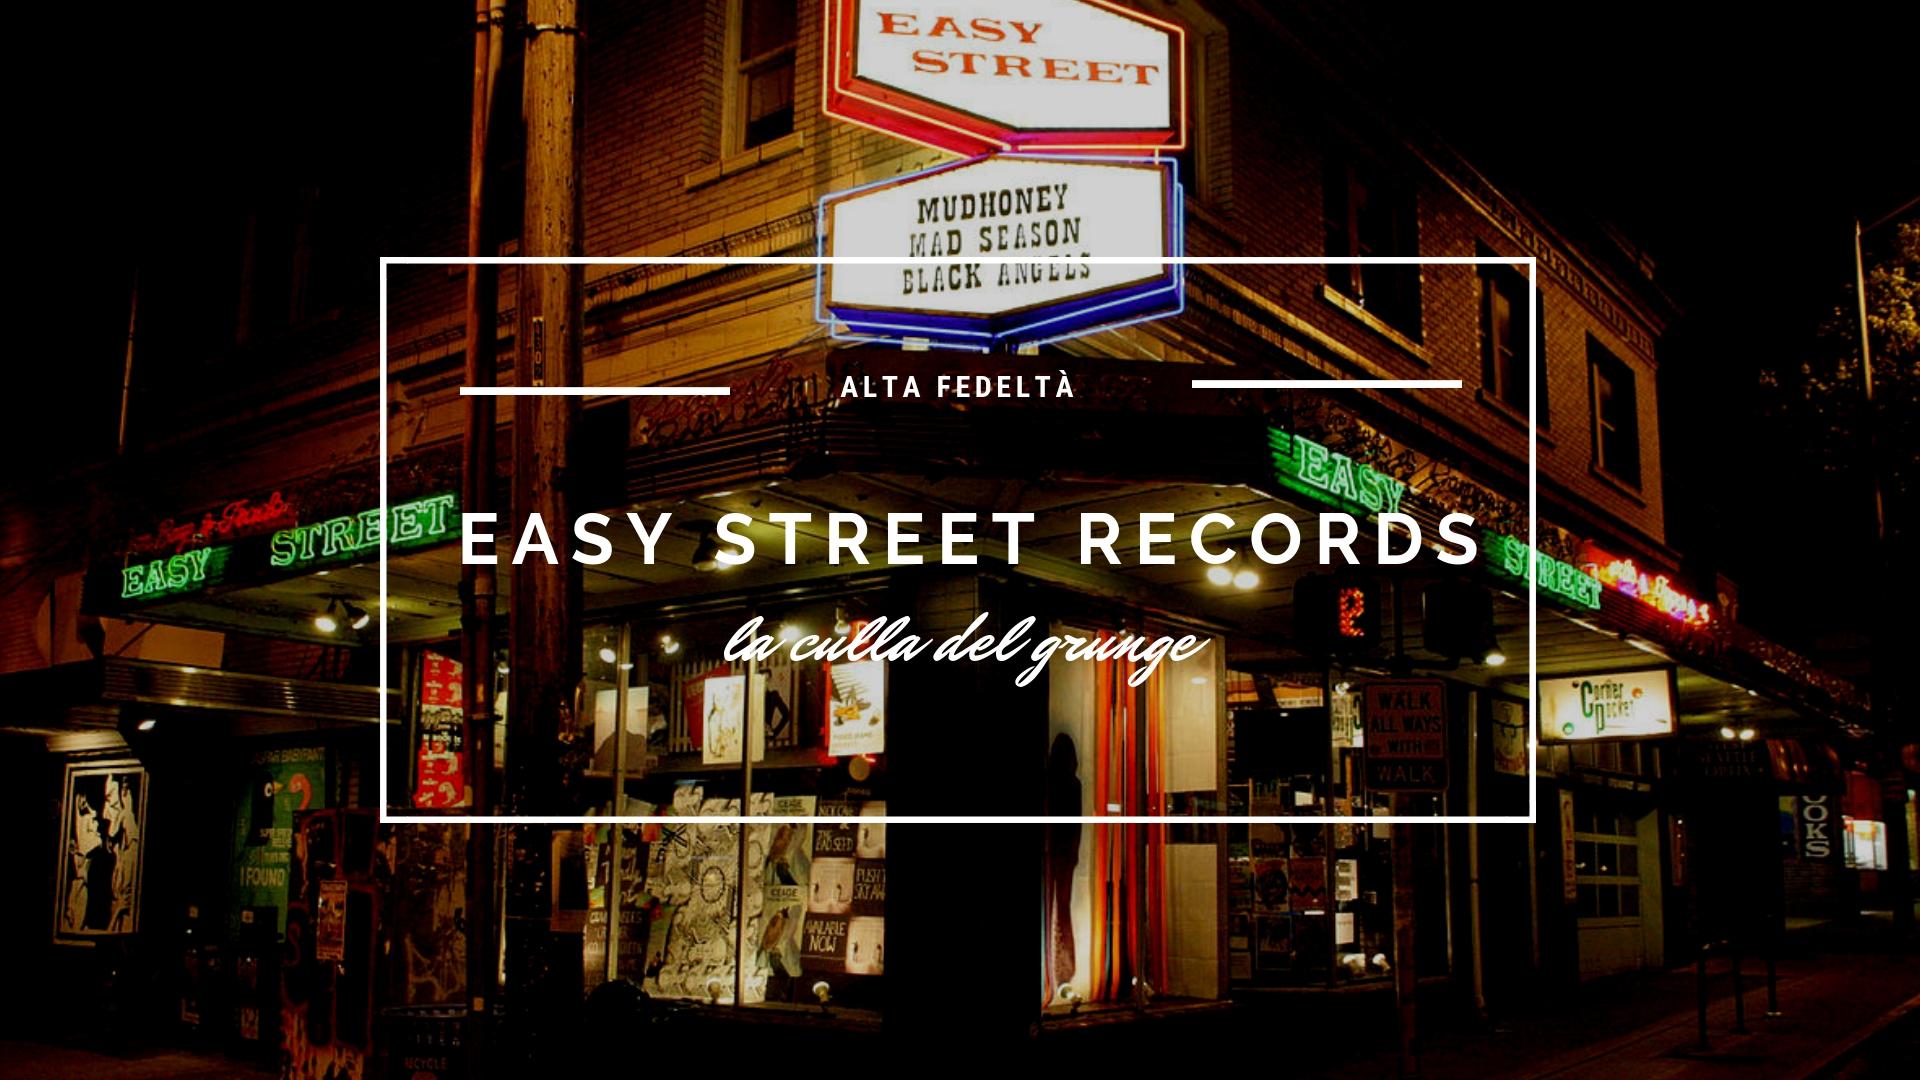 ESCLUSIVA – Easy Street Records, la culla del grunge: intervista a Matt Vaughan